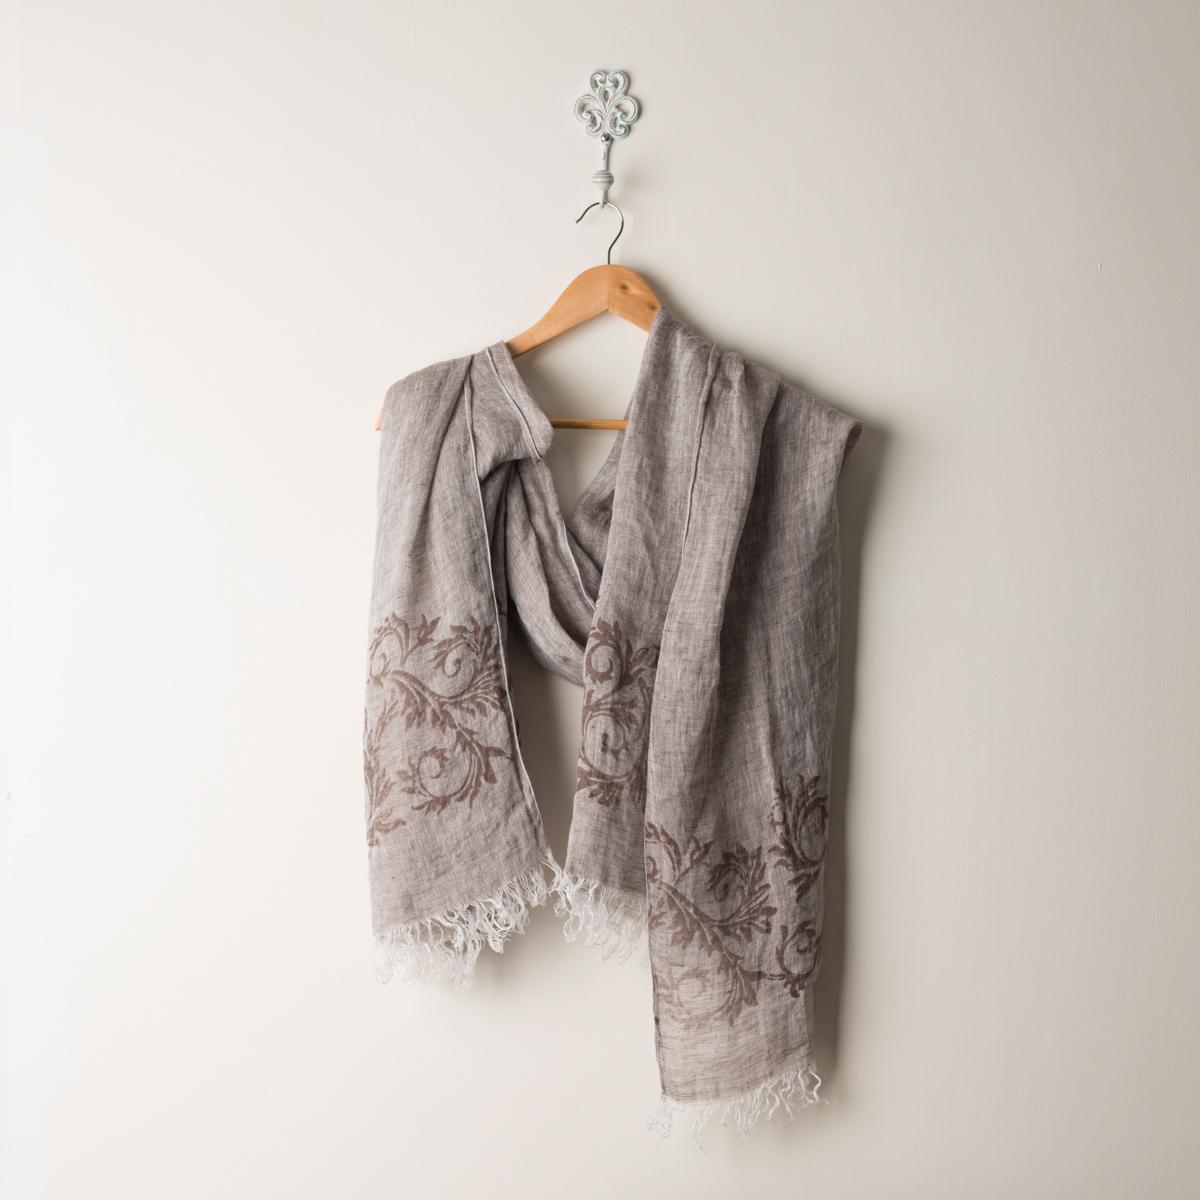 italian artisan printed scarf acanto allora